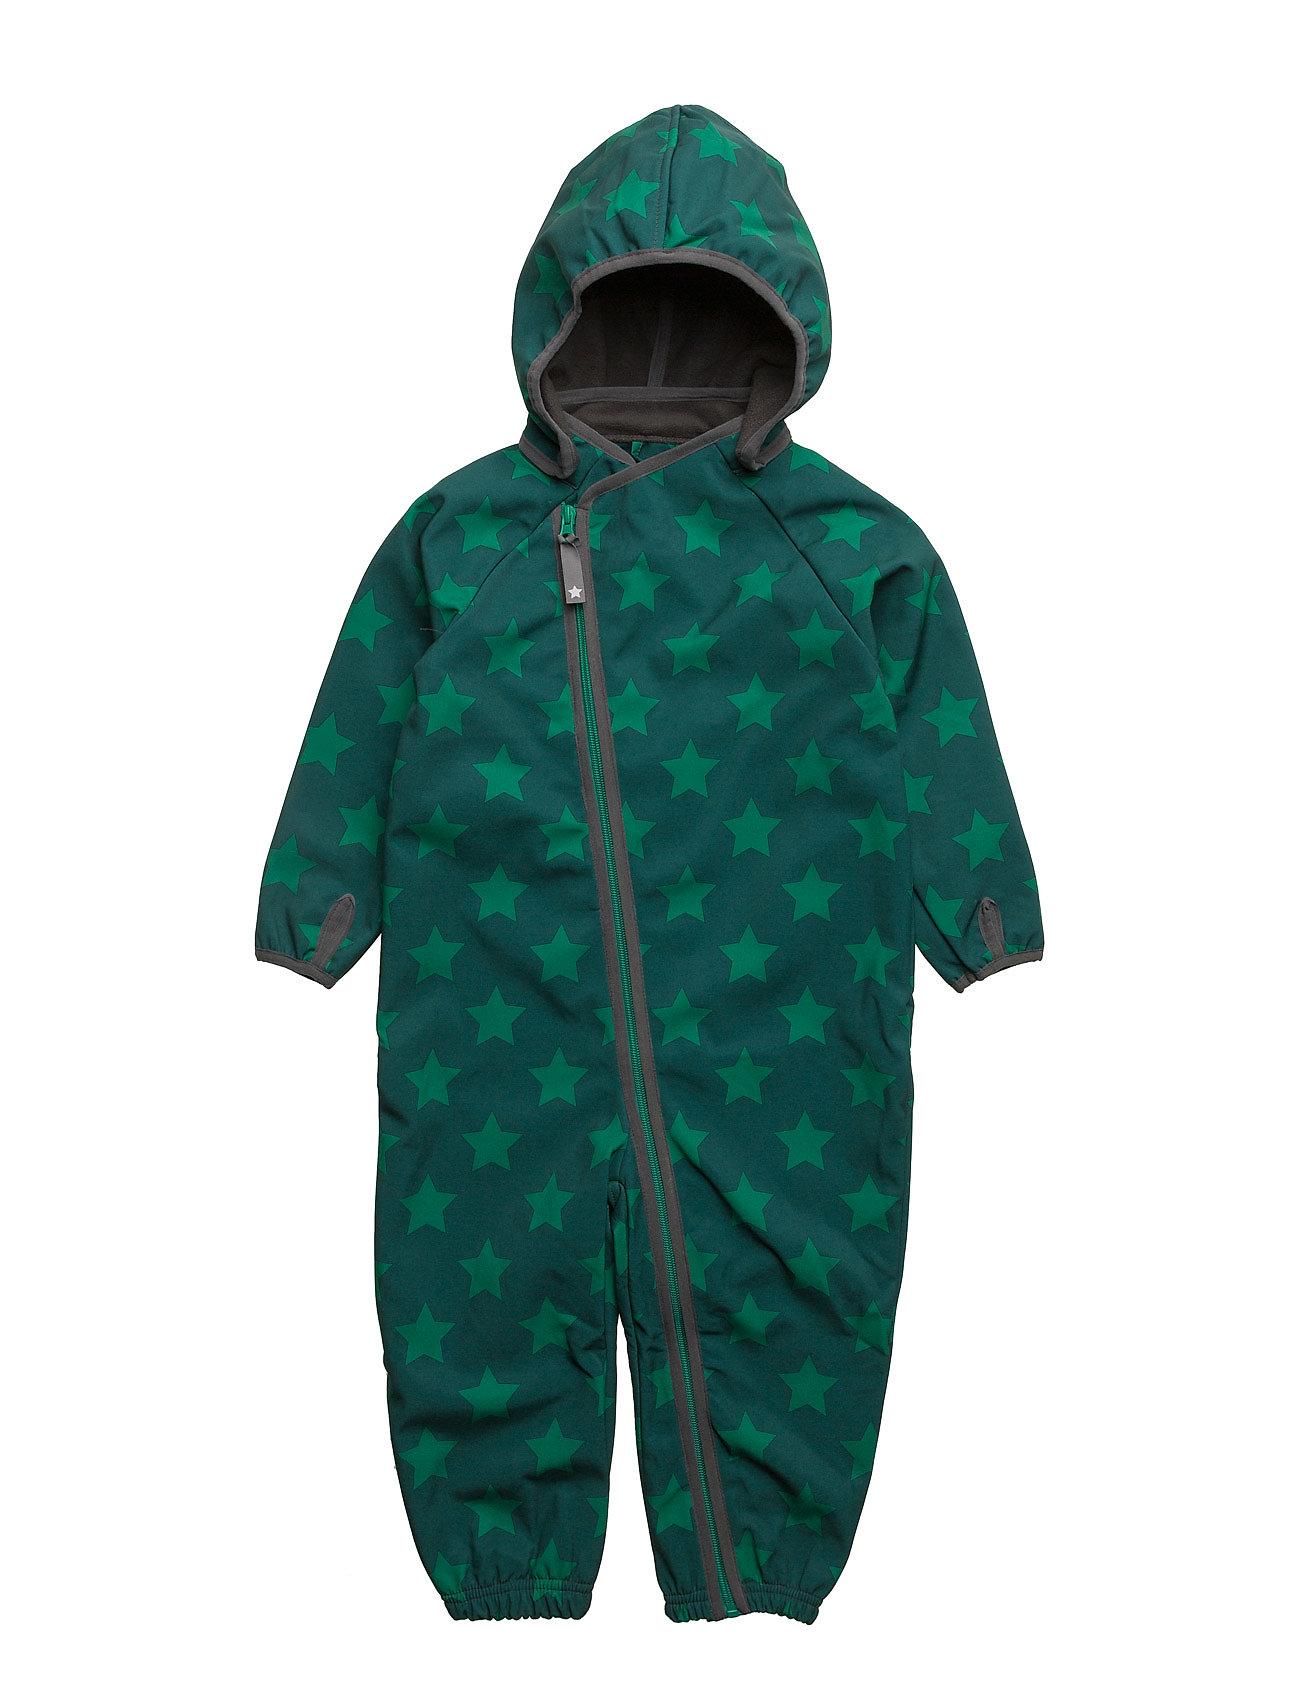 racoon outdoor – Folmer softshell suit på boozt.com dk